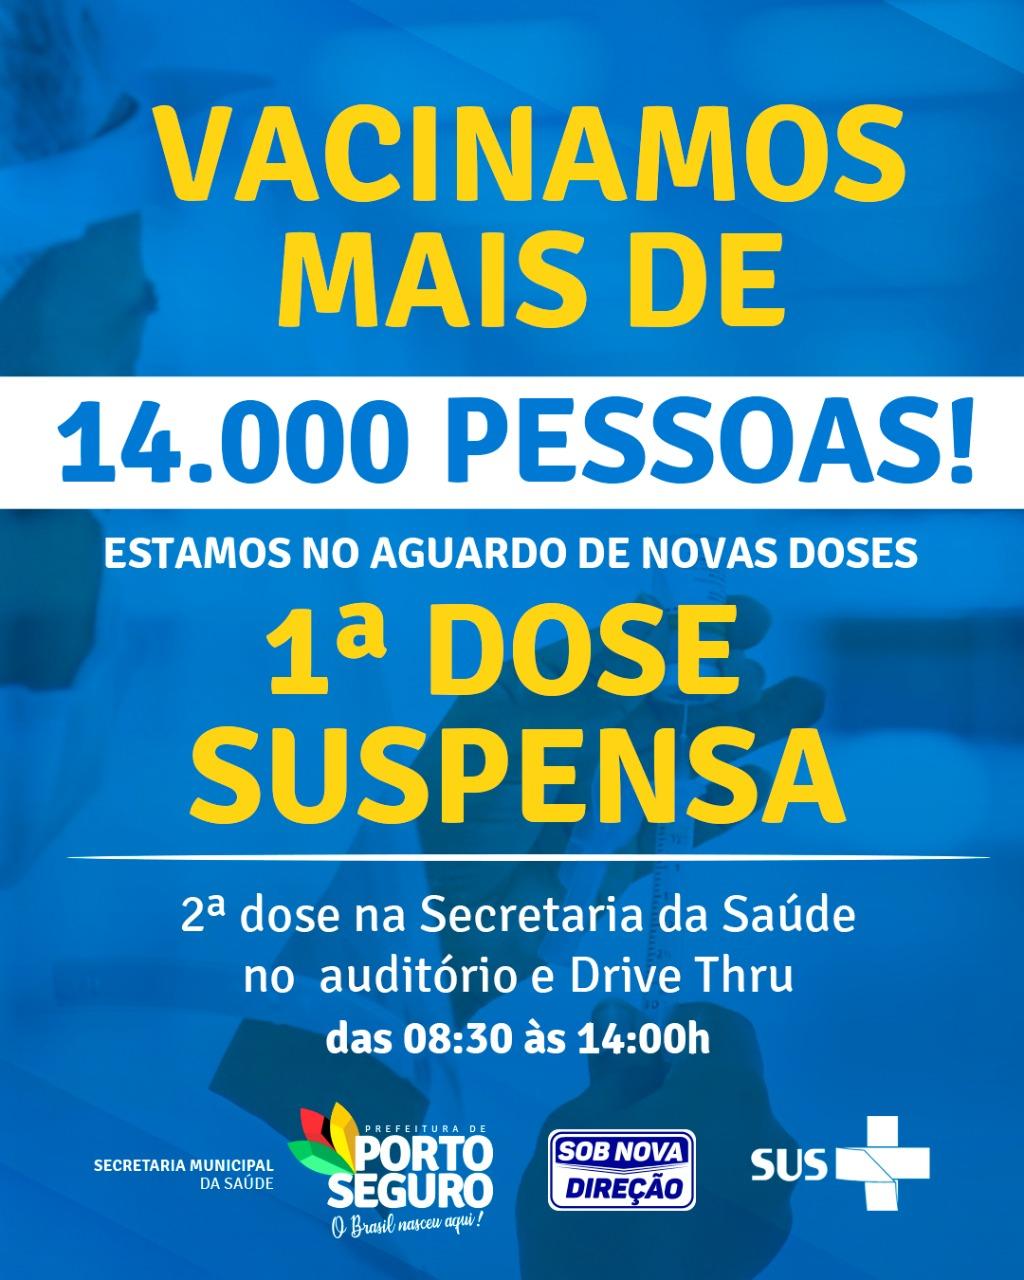 Porto Seguro aguarda novas doses para dar sequência à vacinação contra a Covid-19 23